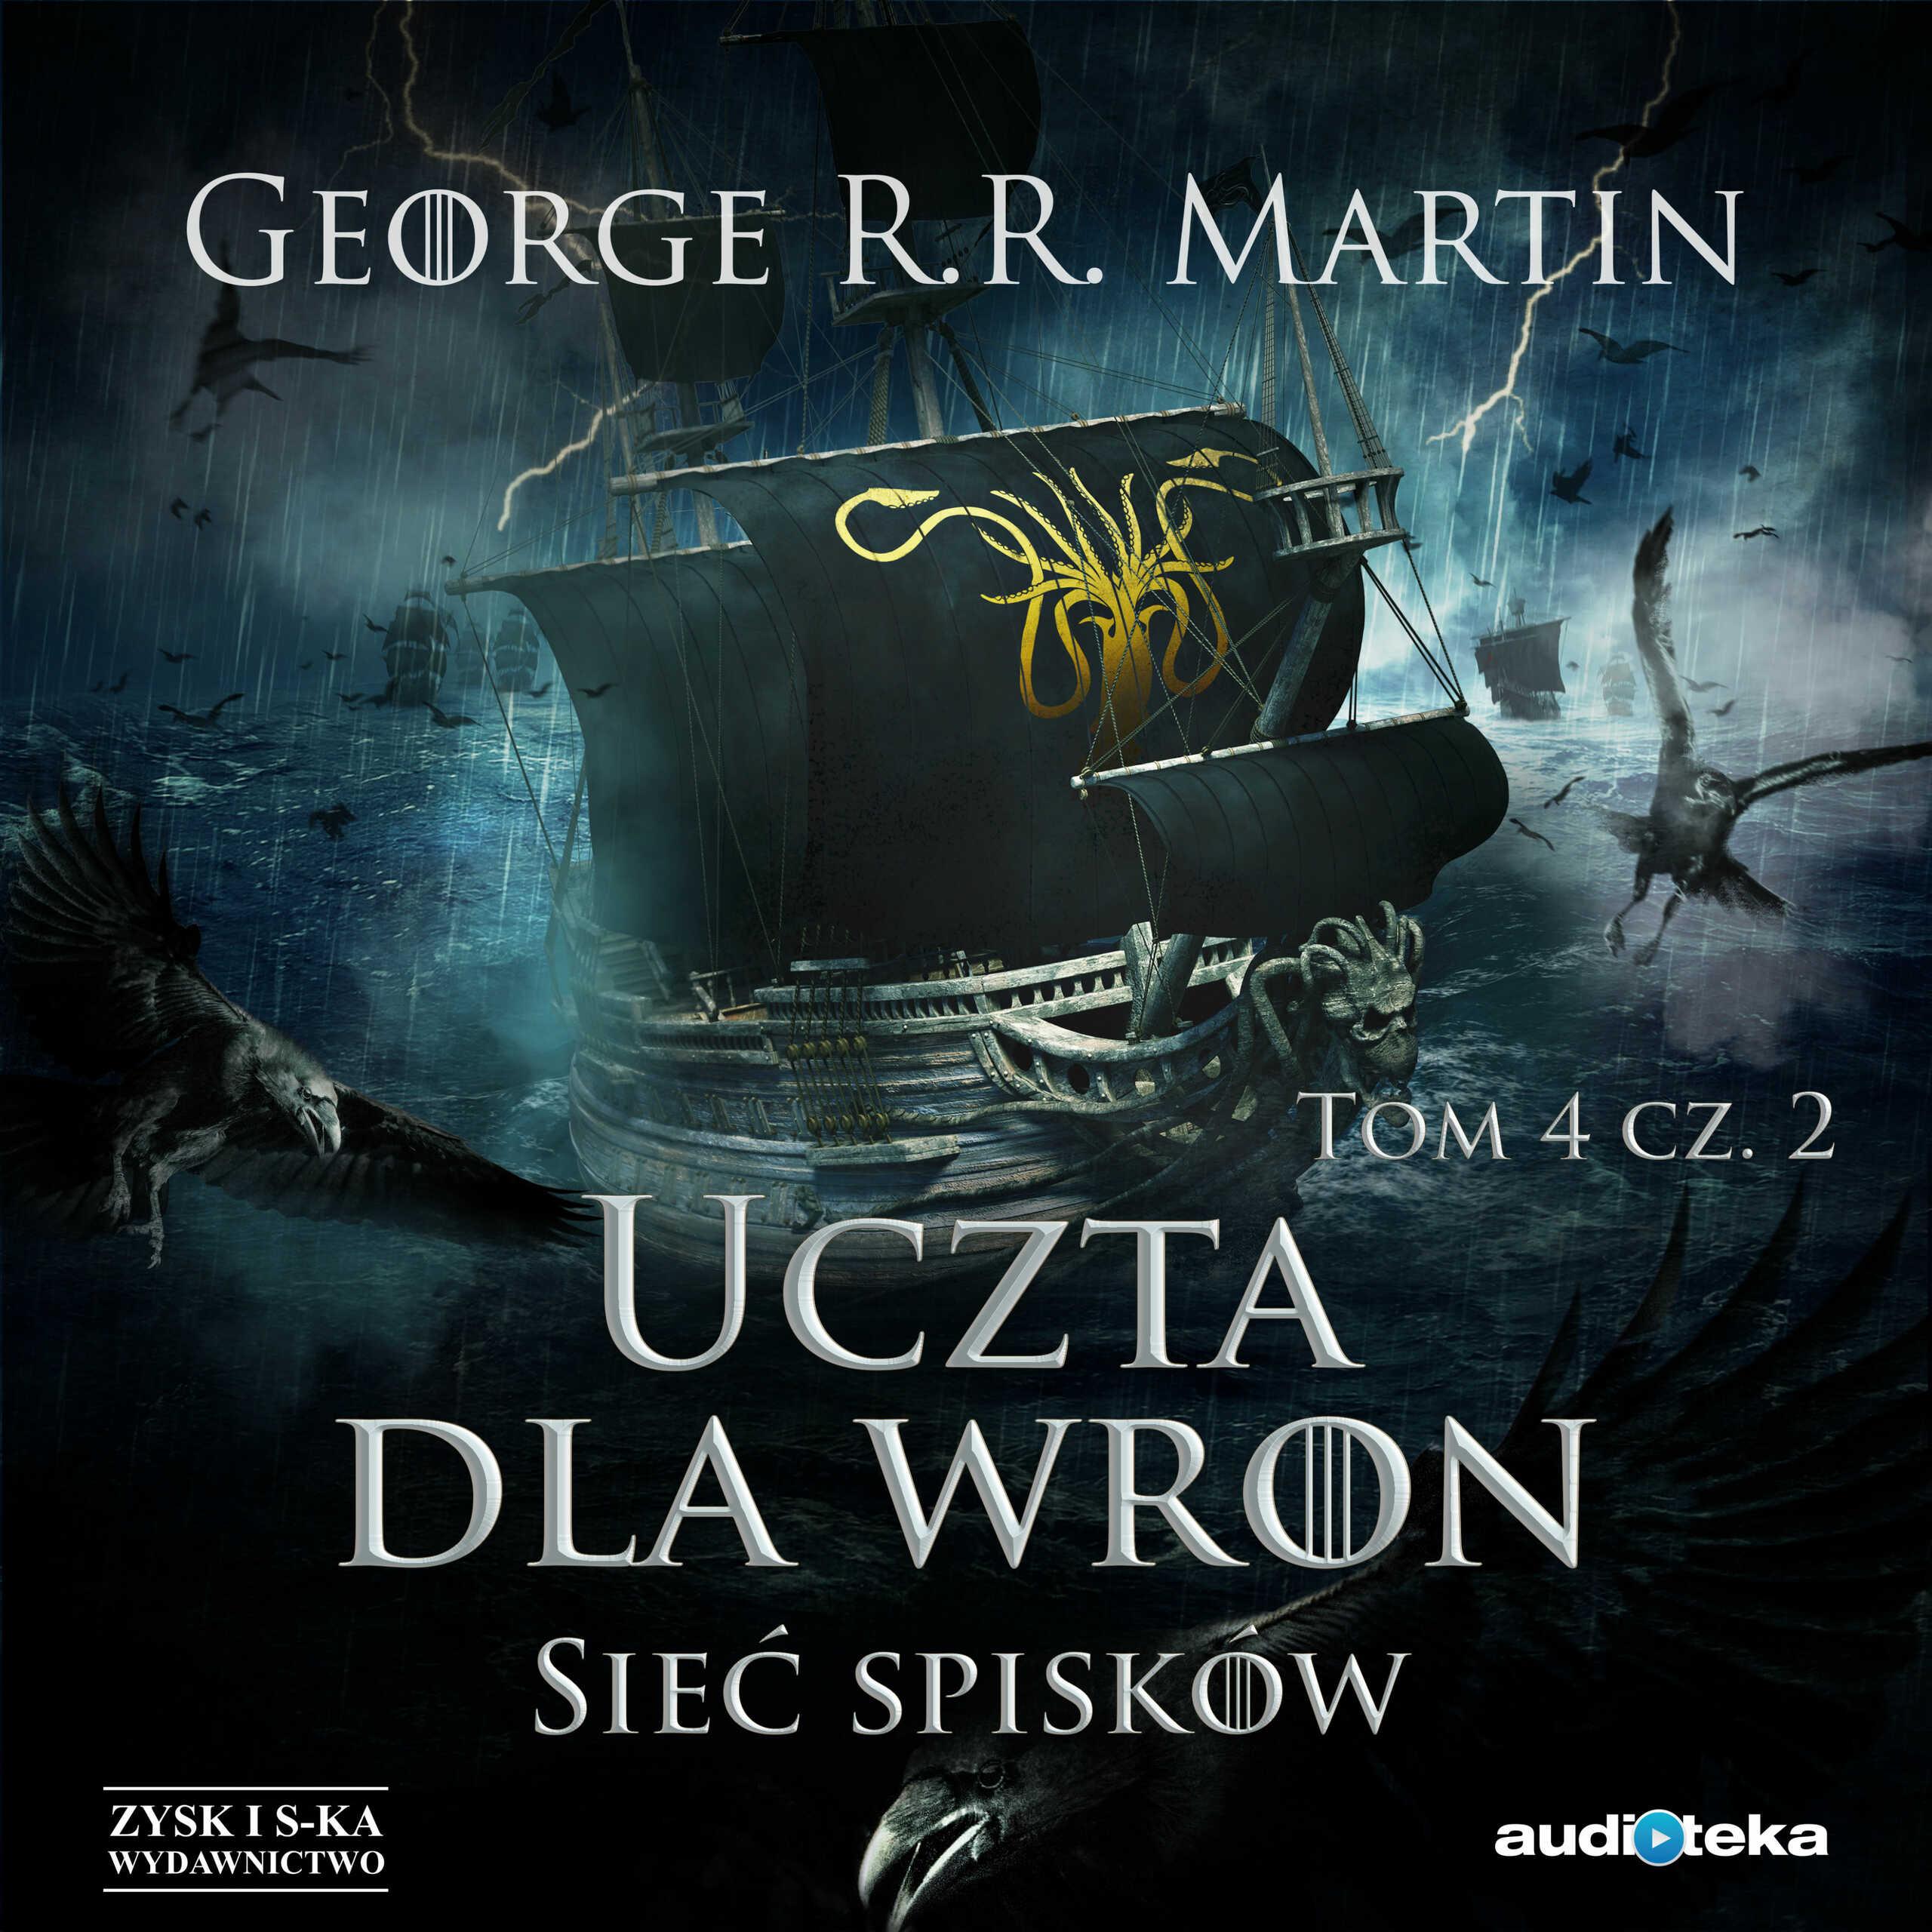 Uczta dla wron: Sieć spisków - George R.R. Martin - audiobook